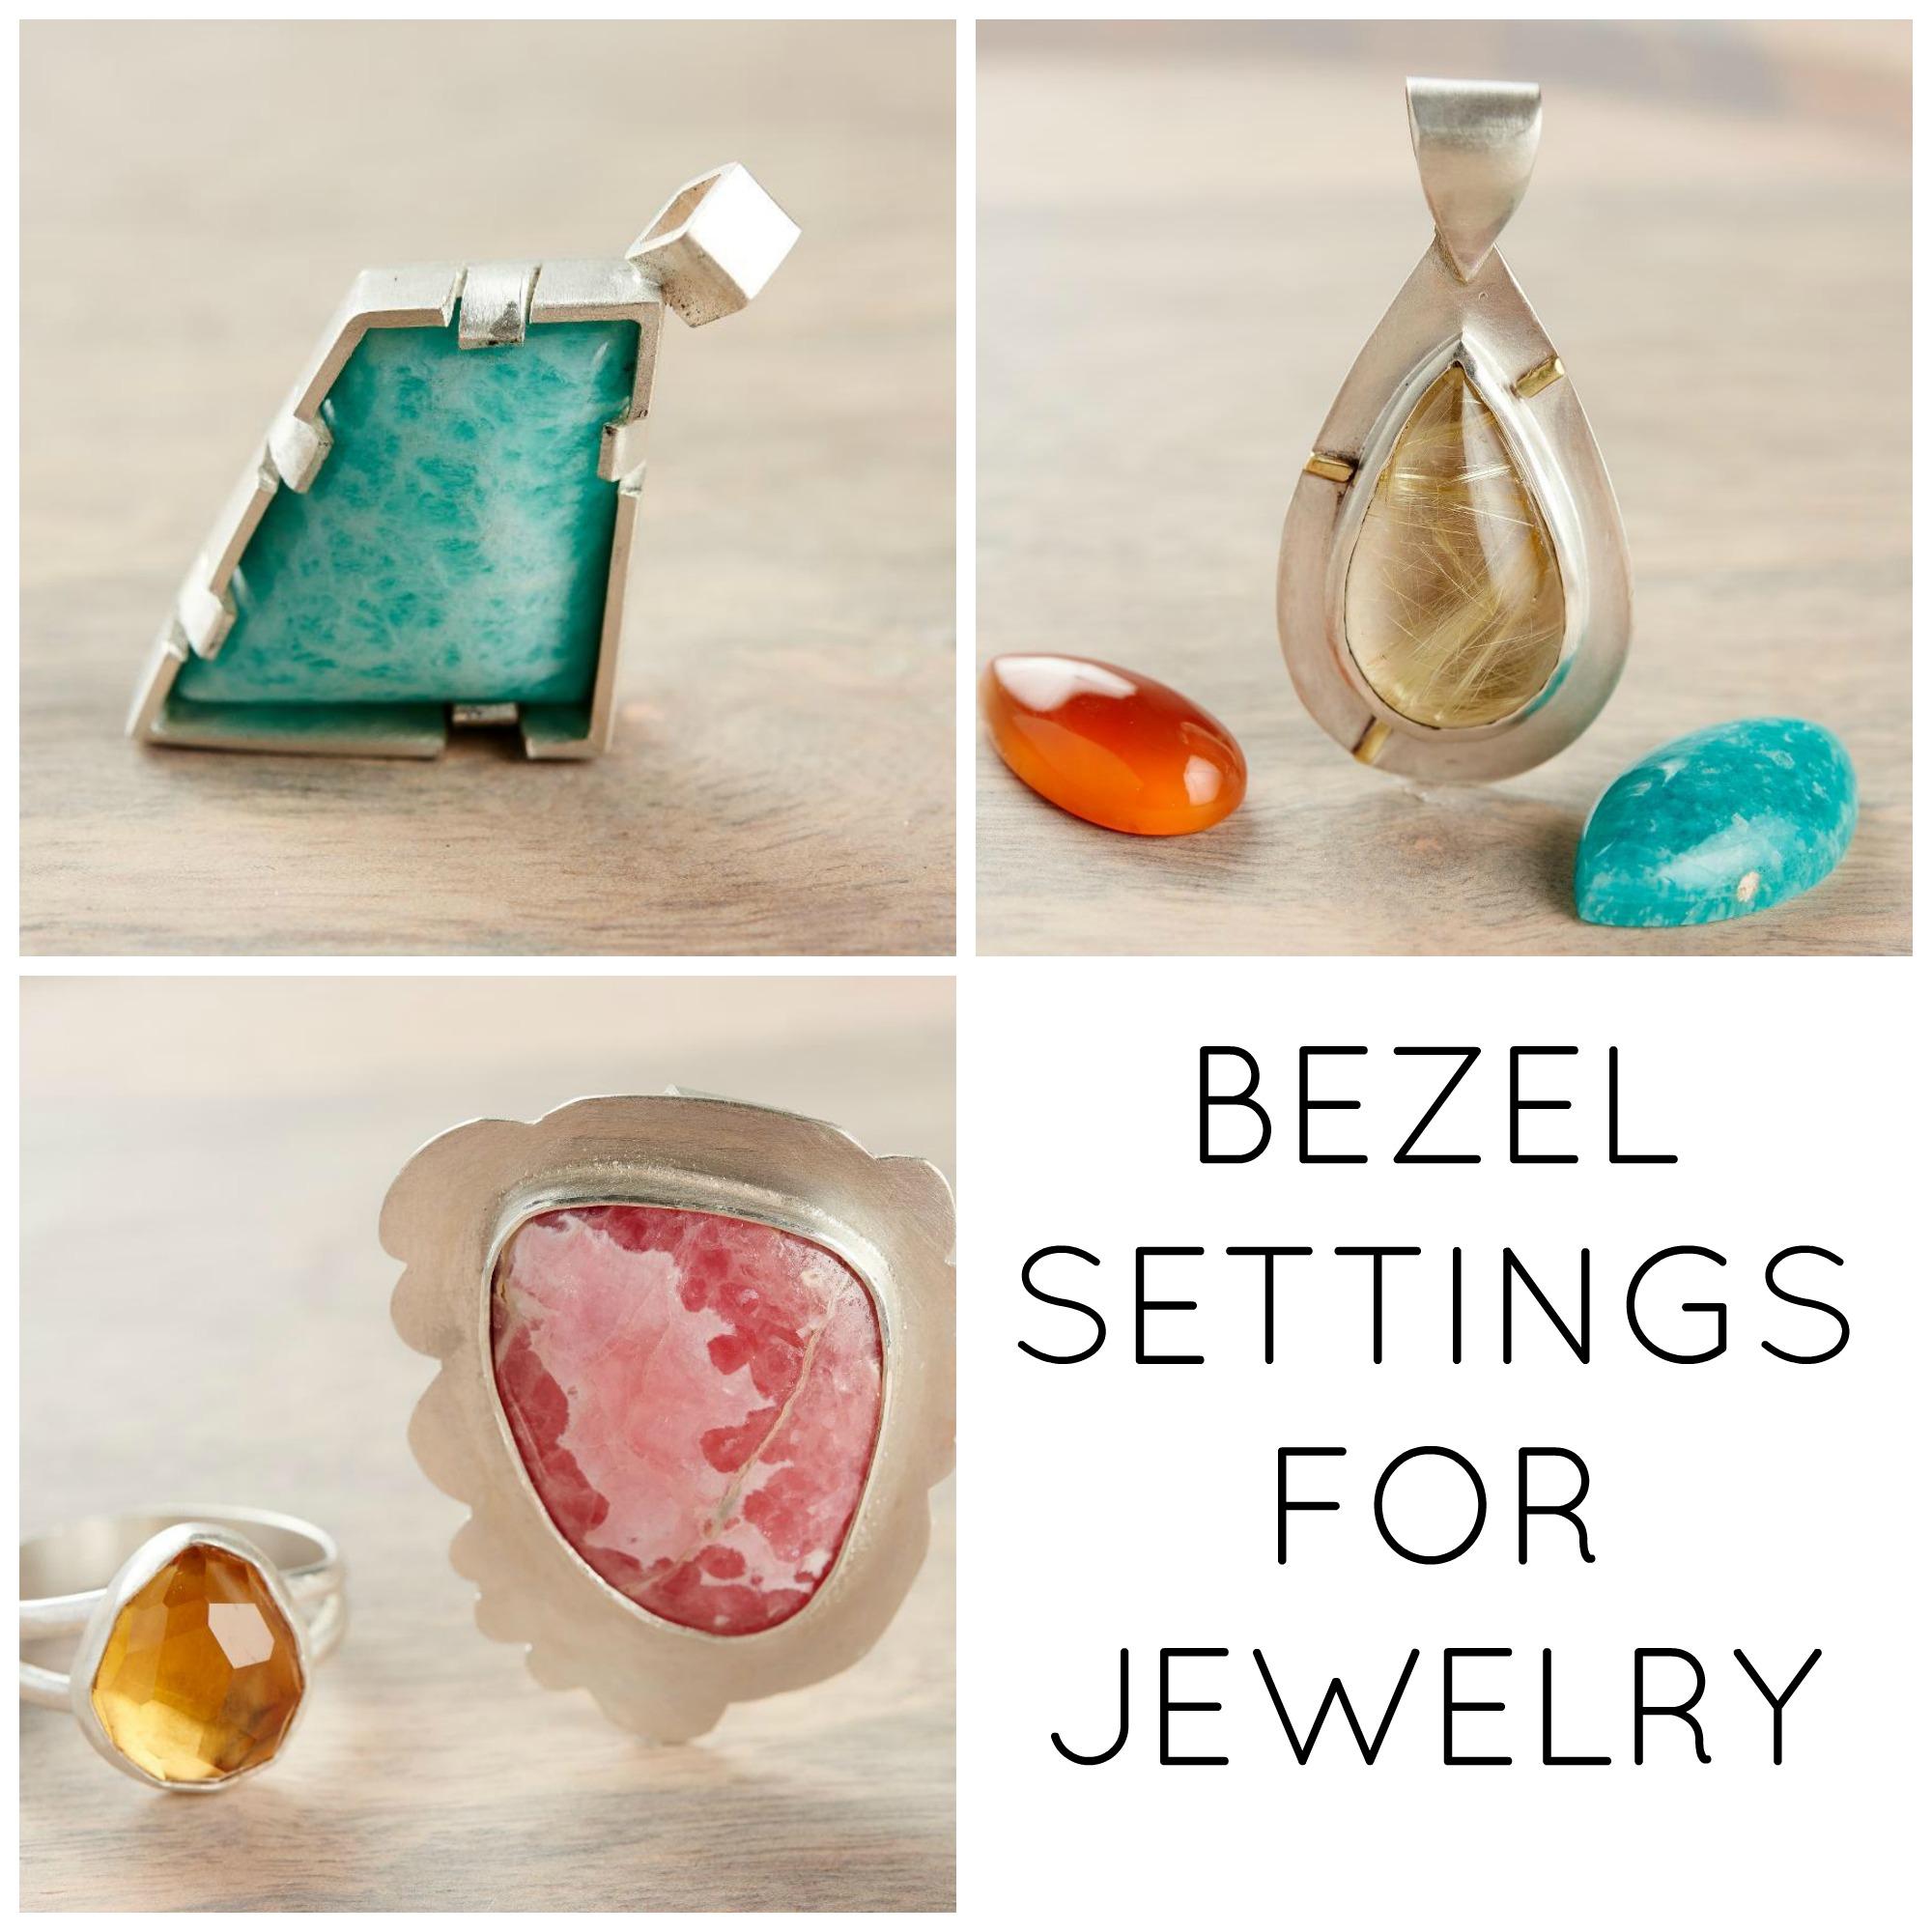 Bezel Settings for Jewelry